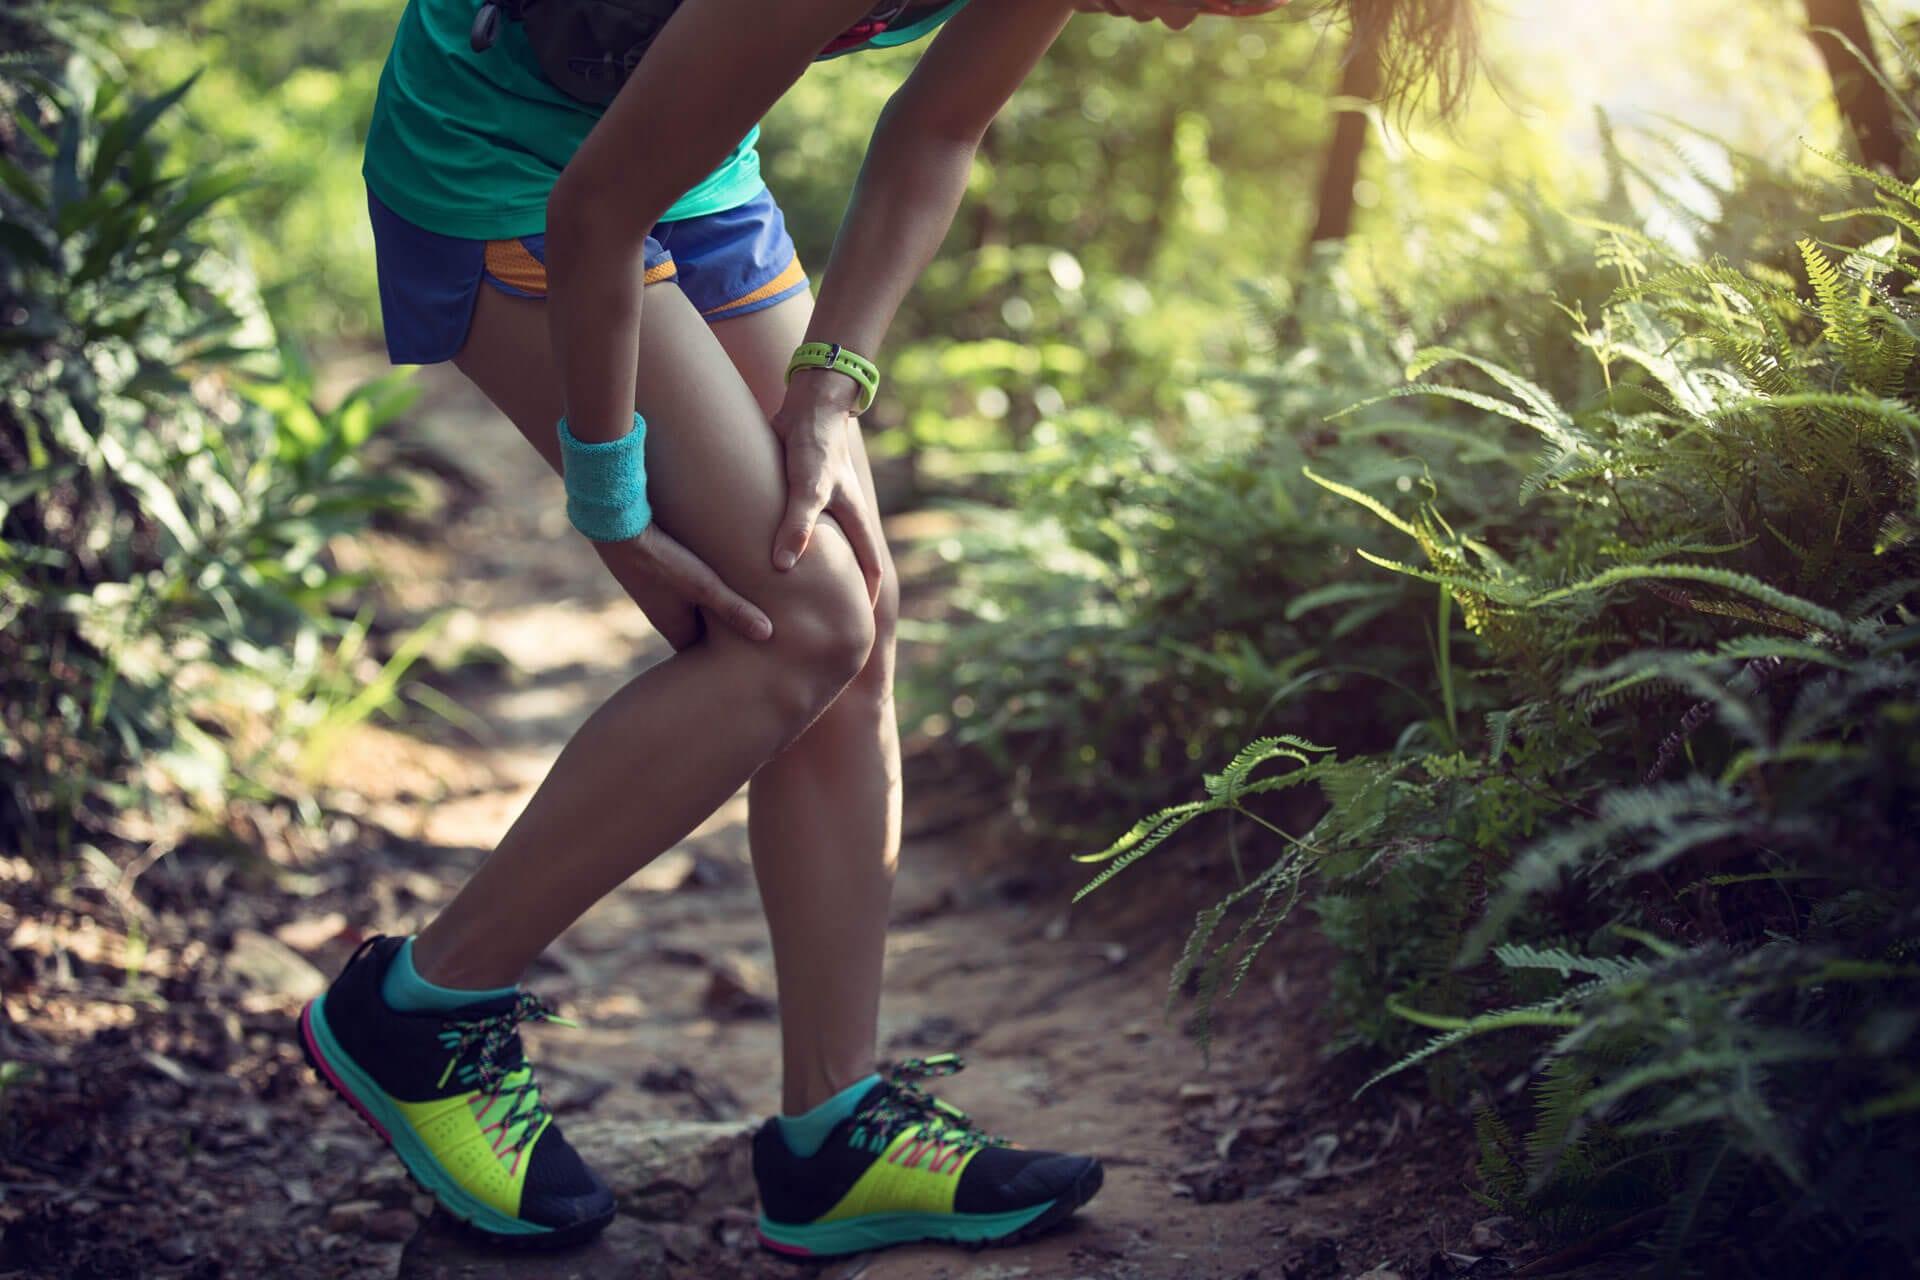 Vrouw met pijnlijk been door spierkramp tijdens hardlopen